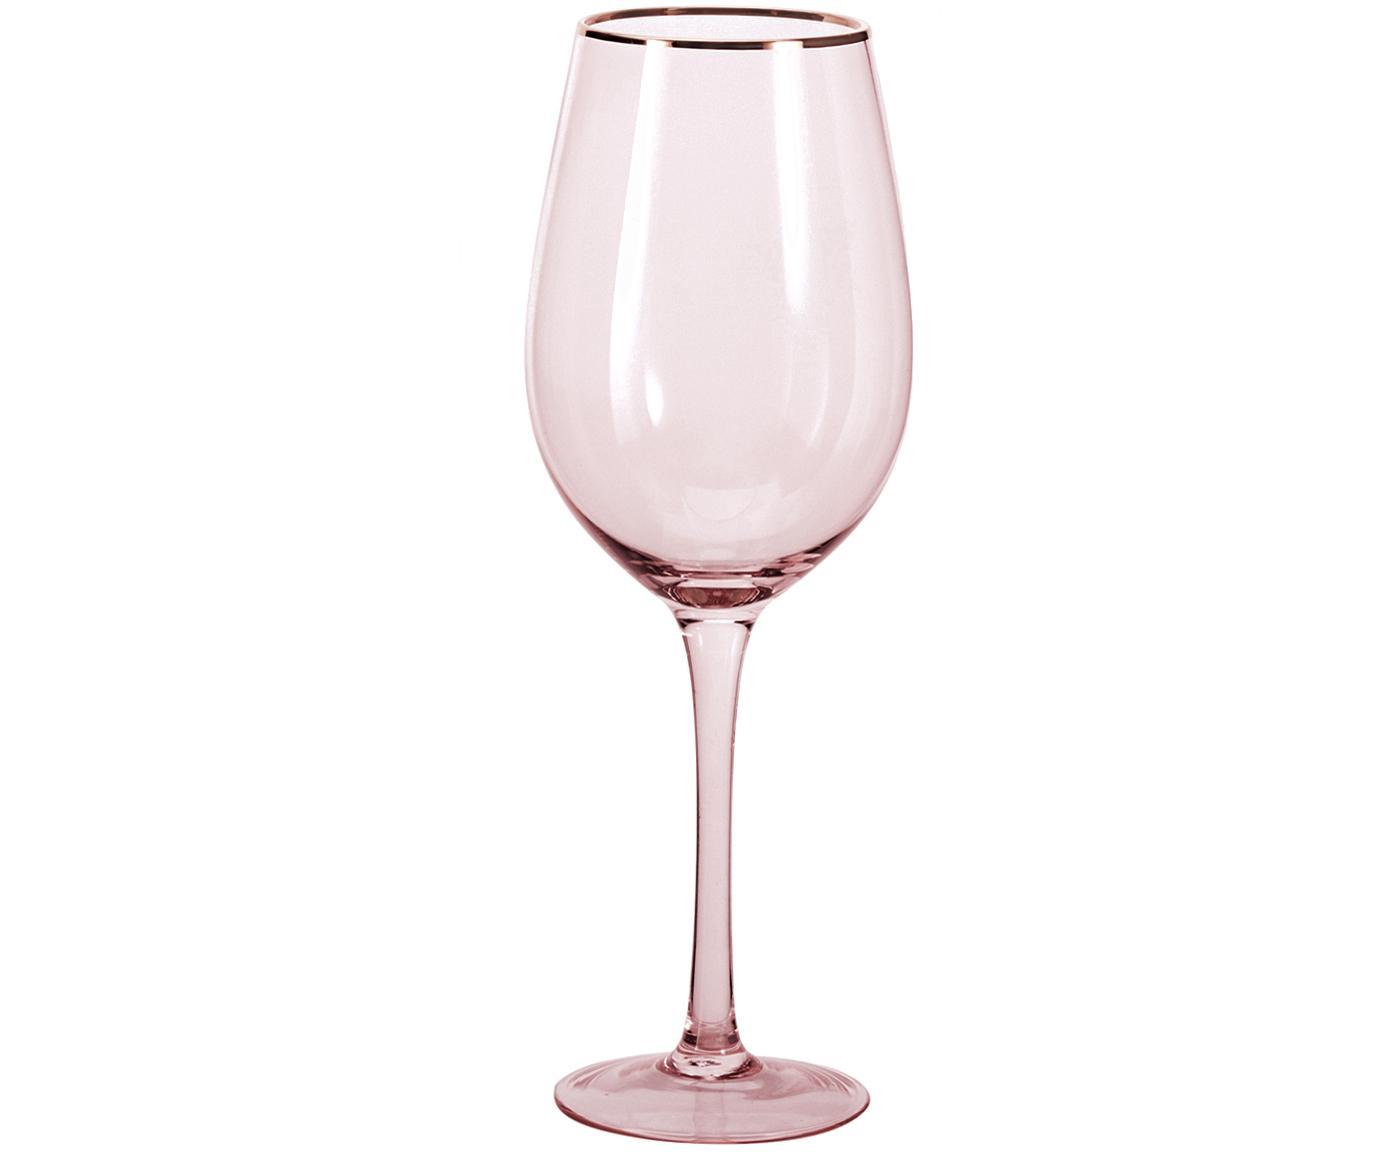 Bicchiere da vino con bordo dorato Chloe 4 pz, Vetro, Pesca, Ø 9 x Alt. 26 cm